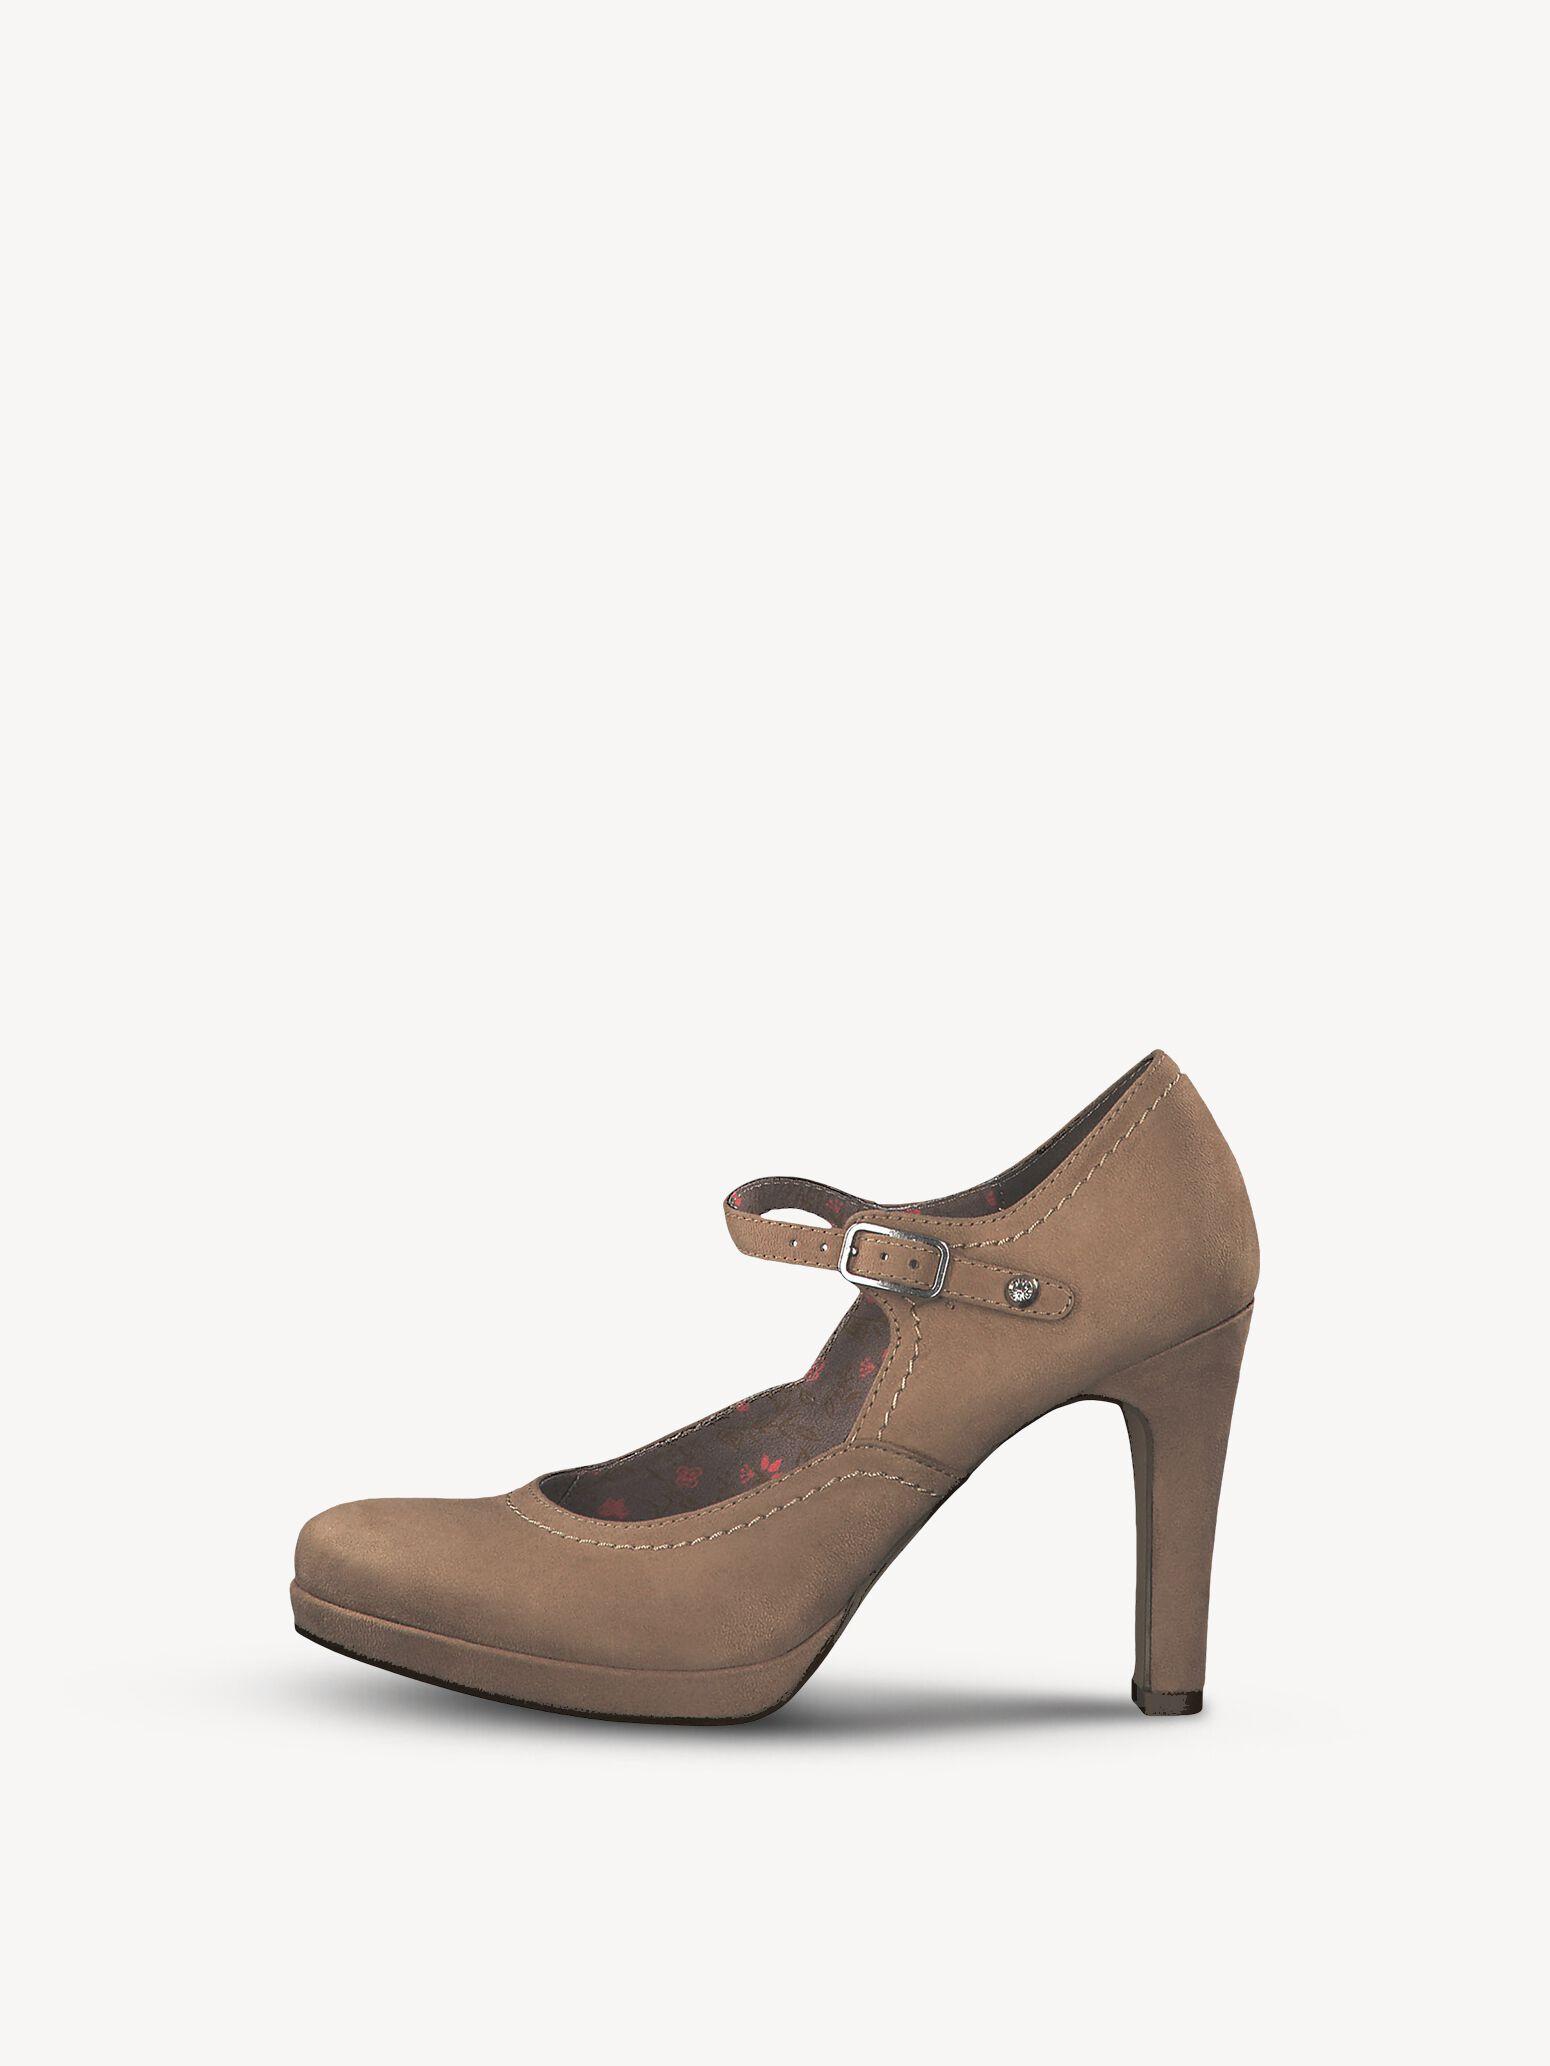 Schuhe von Tamaris online kaufen Tamaris Damenschuhe